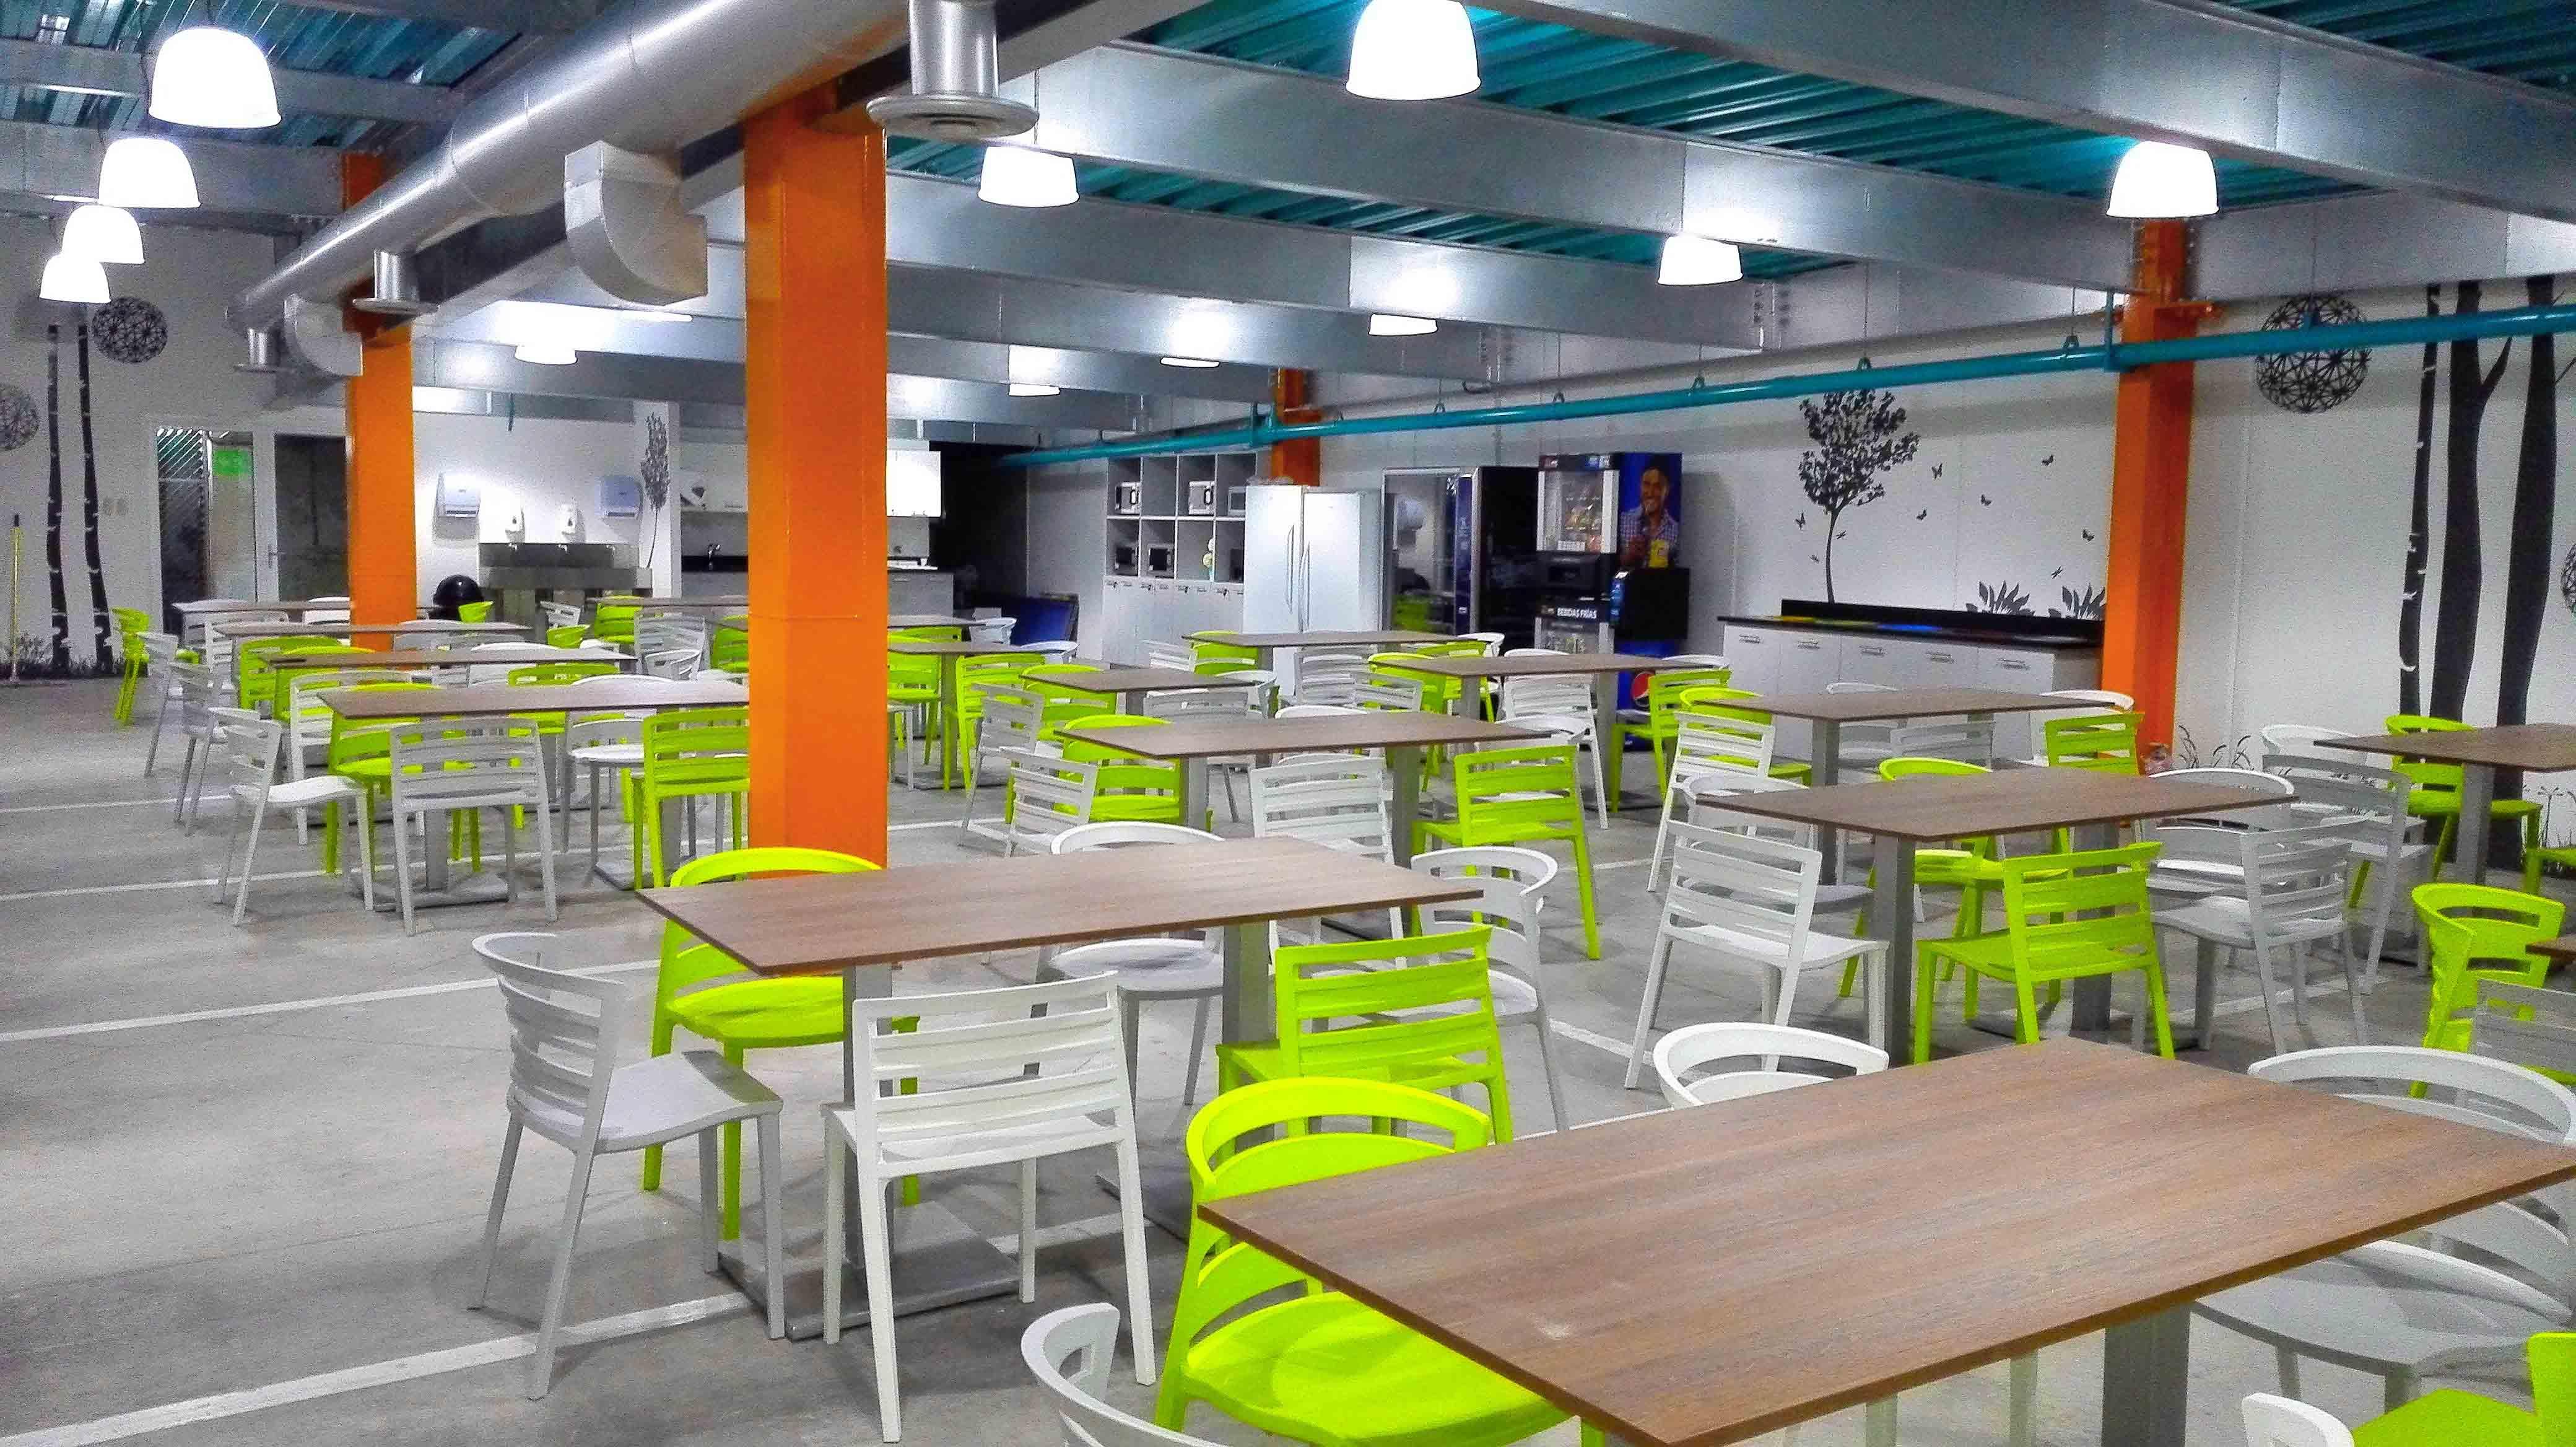 Cafetería en Fábrica de desarrollo de software - Guatemala